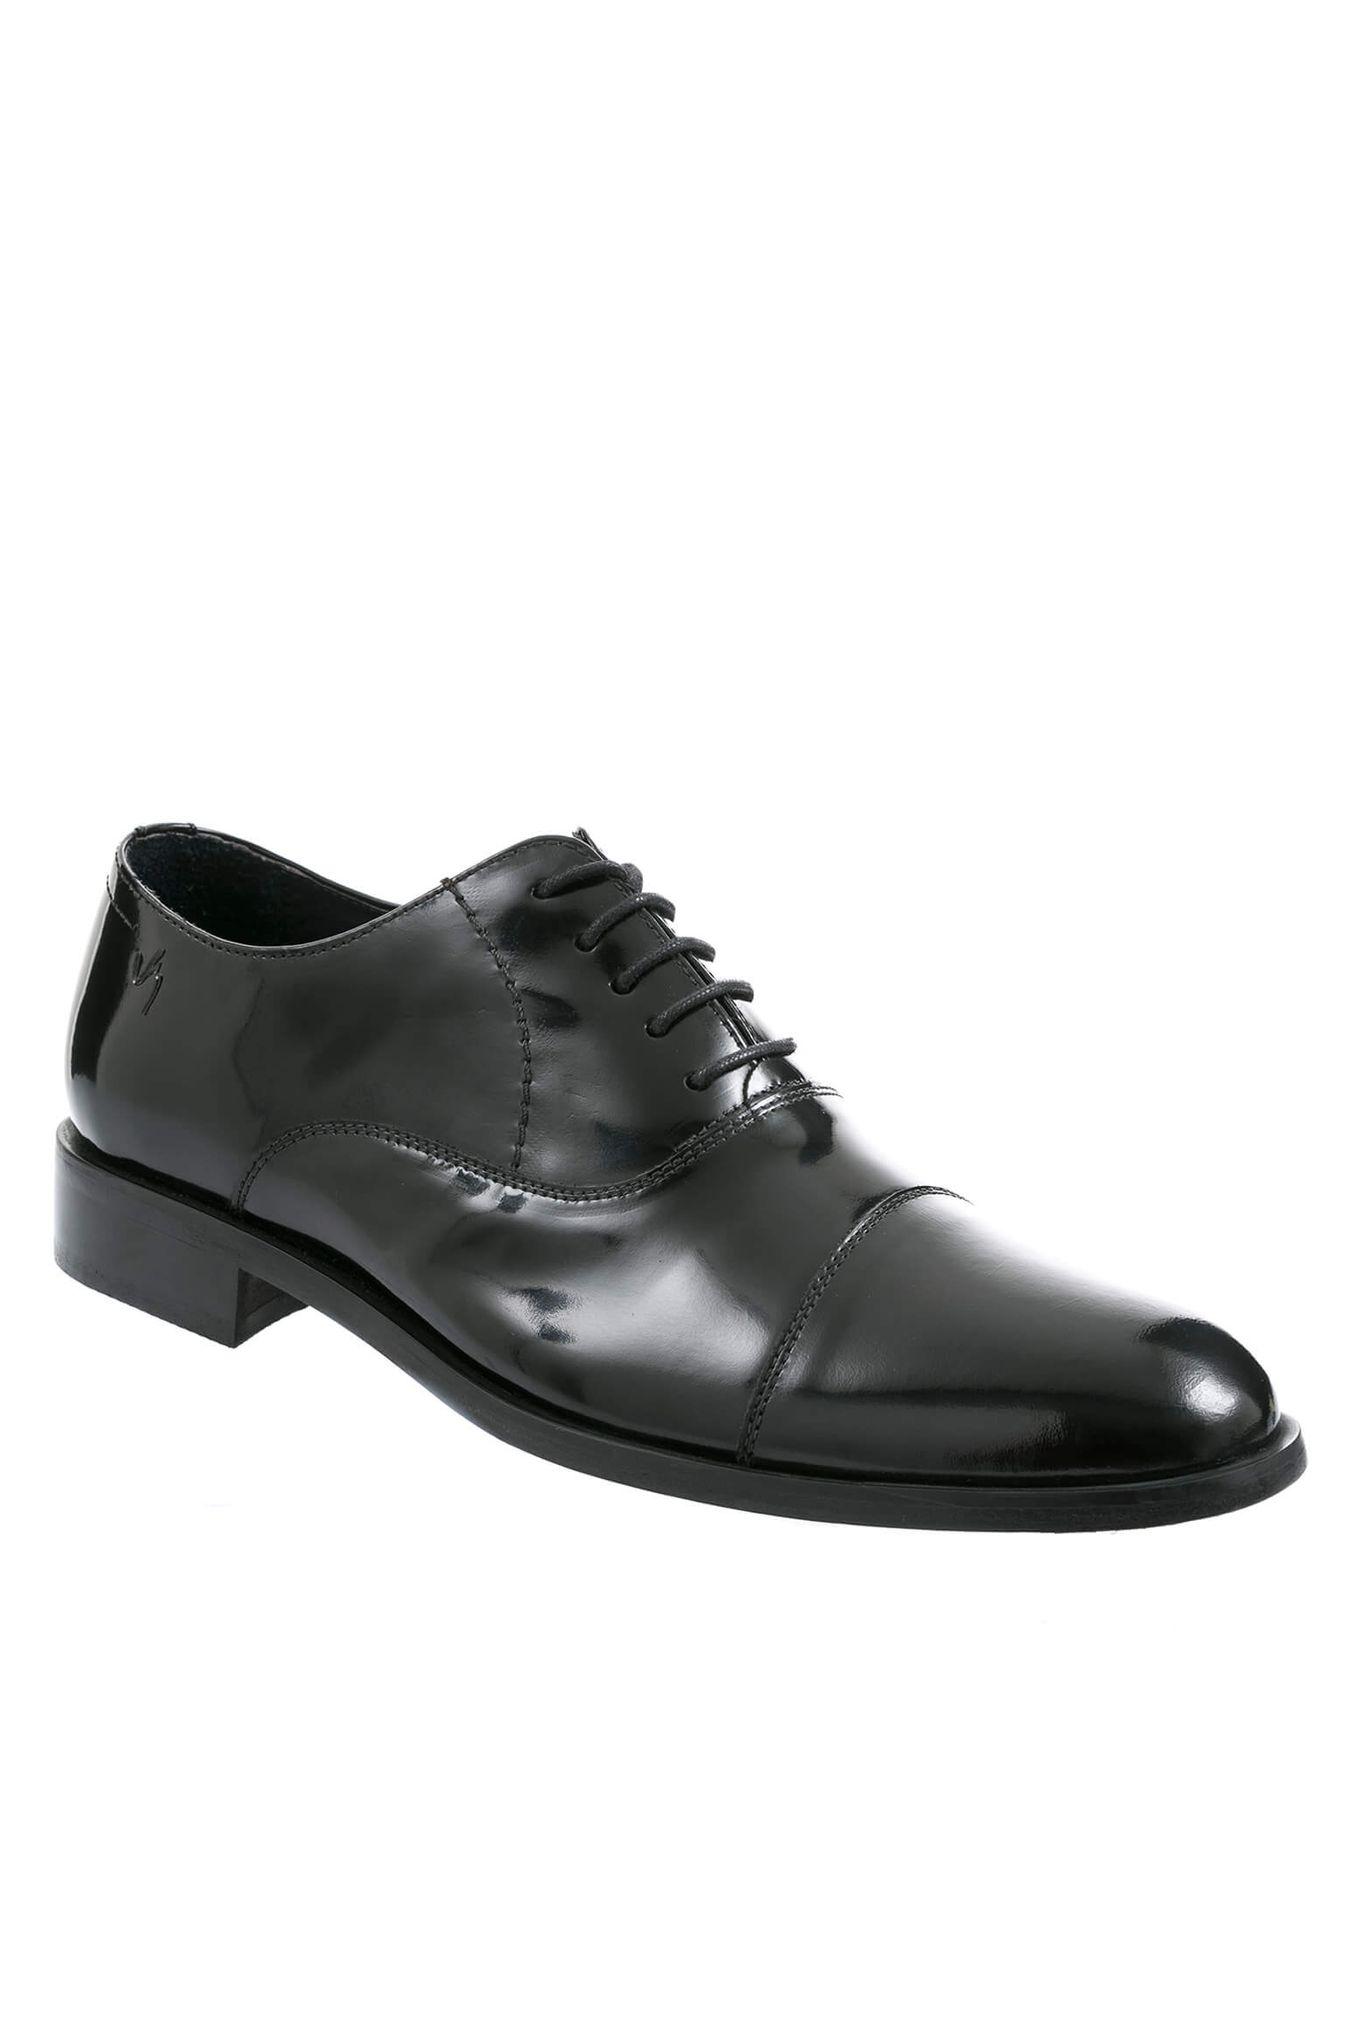 c711d567d05de Zapatos de cuero con cordón para hombre 10836